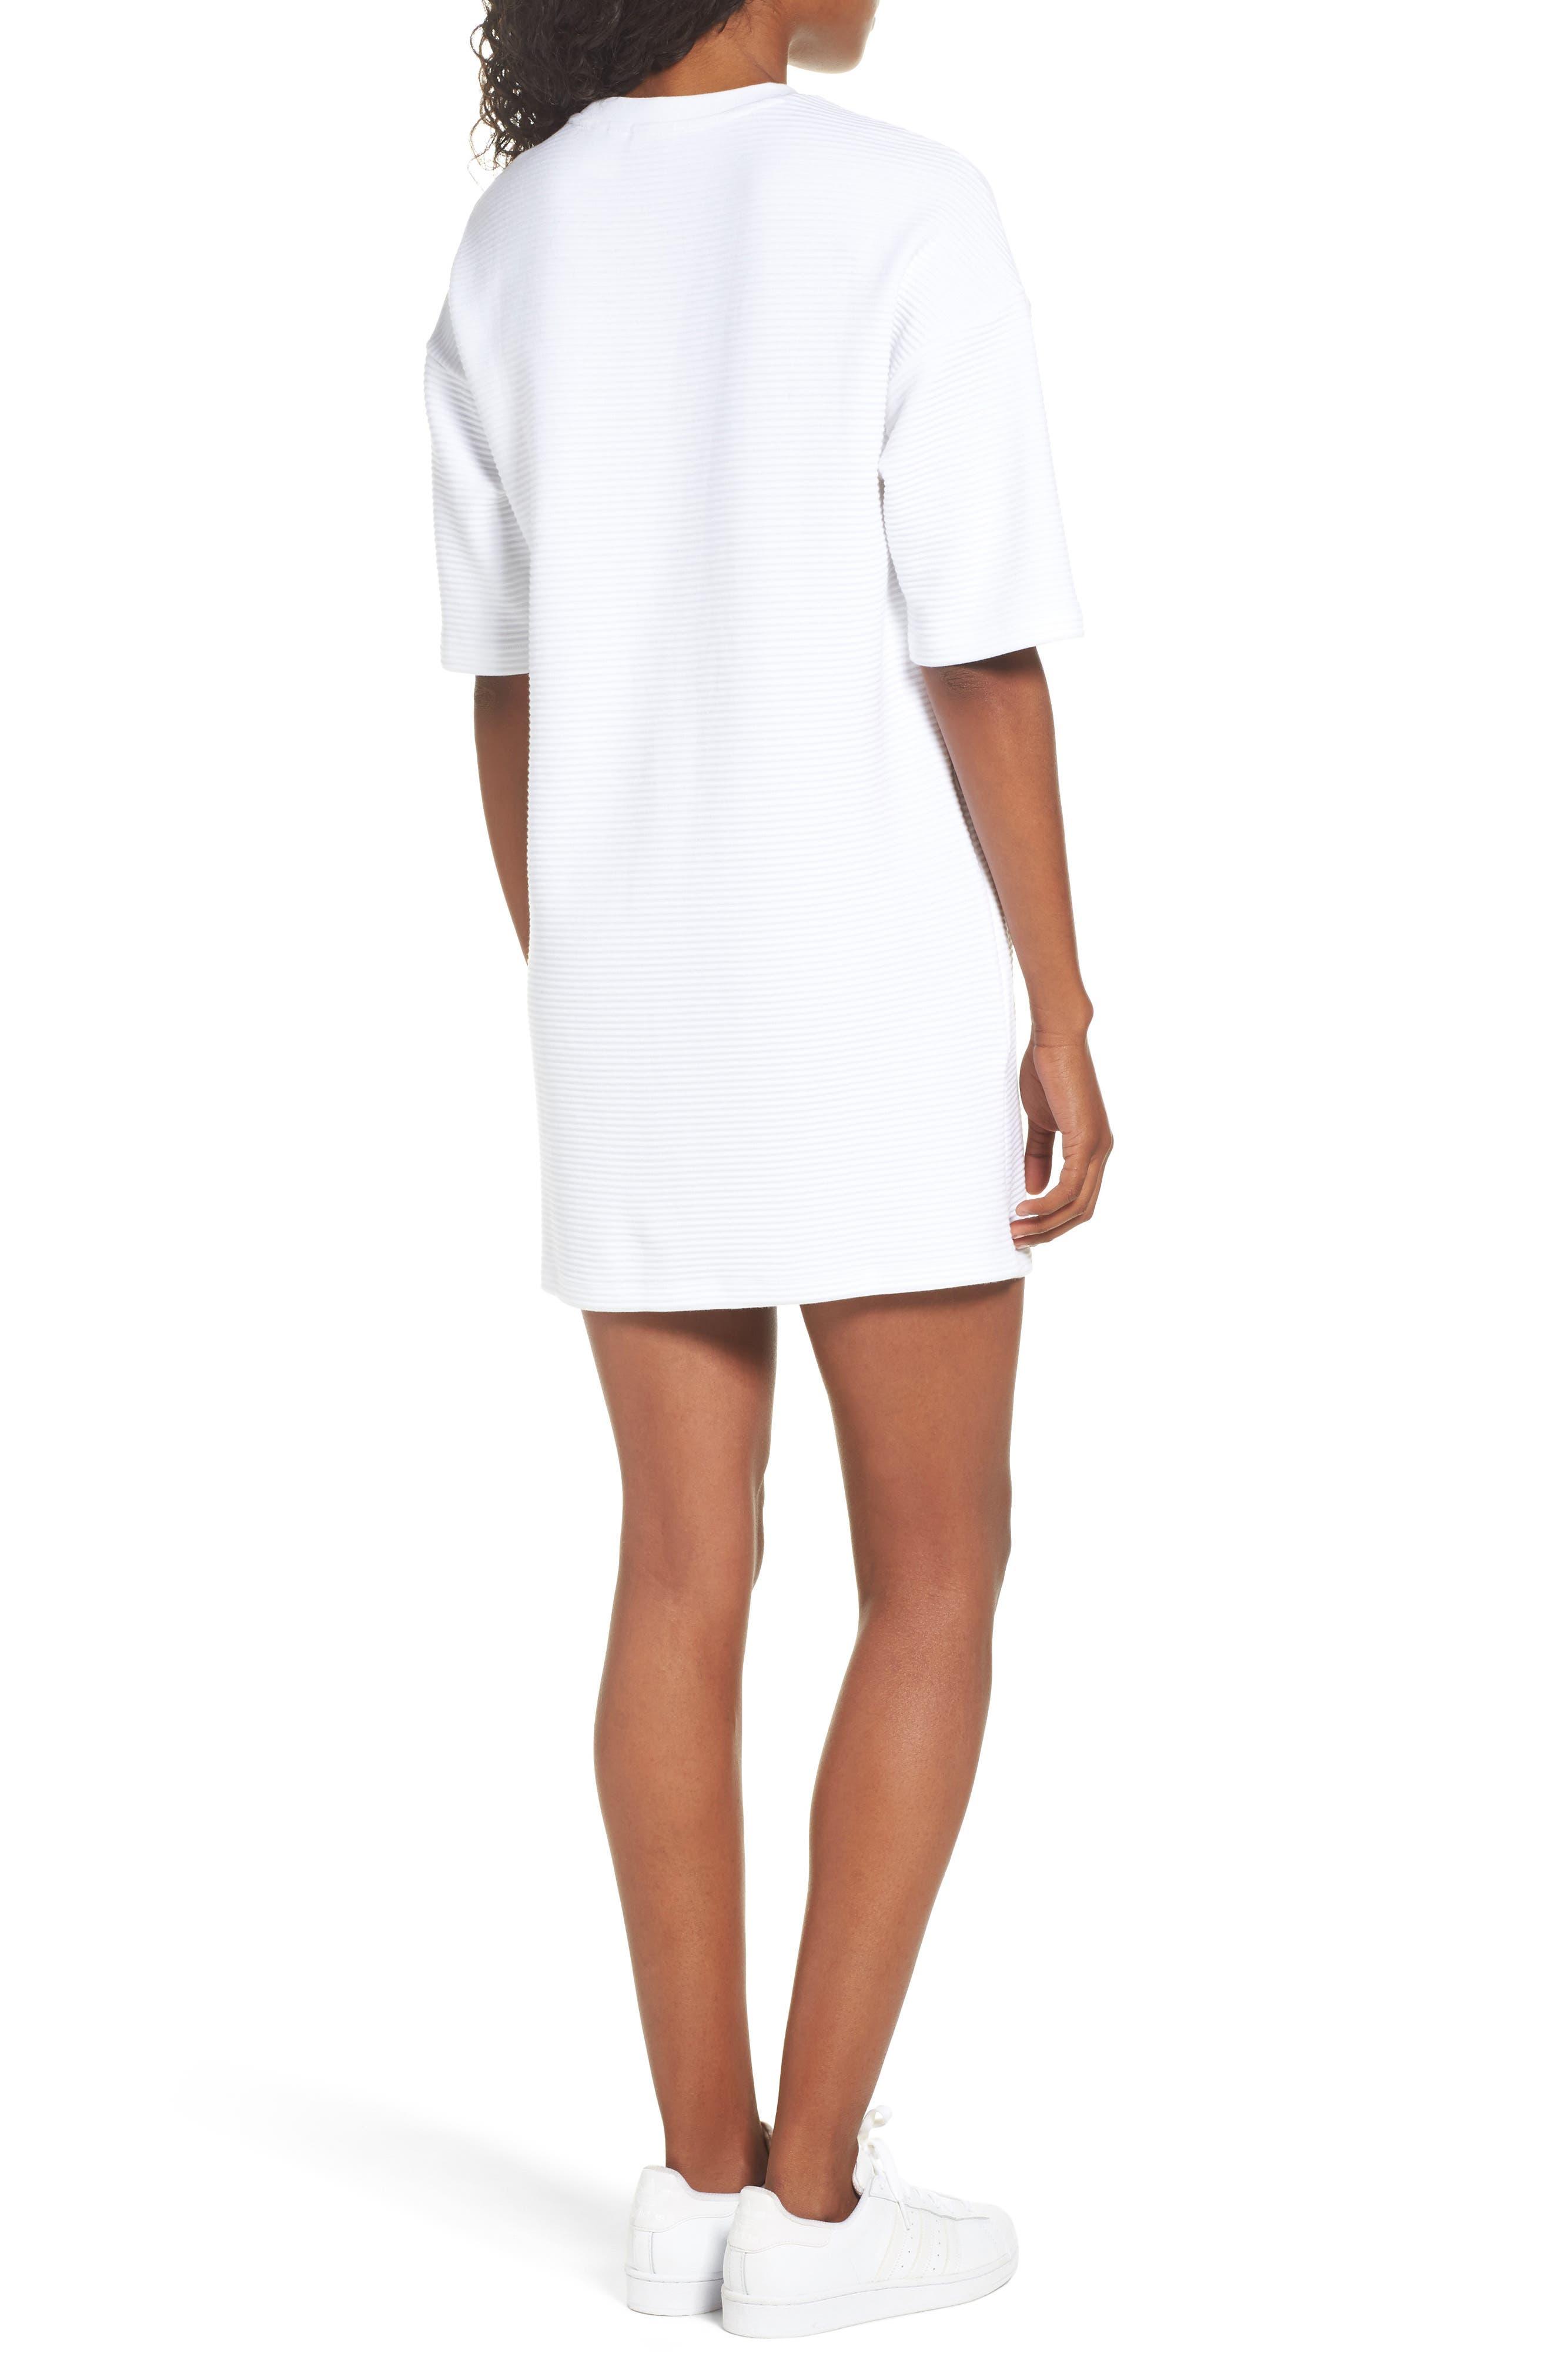 Originals EQT T-Shirt Dress,                             Alternate thumbnail 2, color,                             100